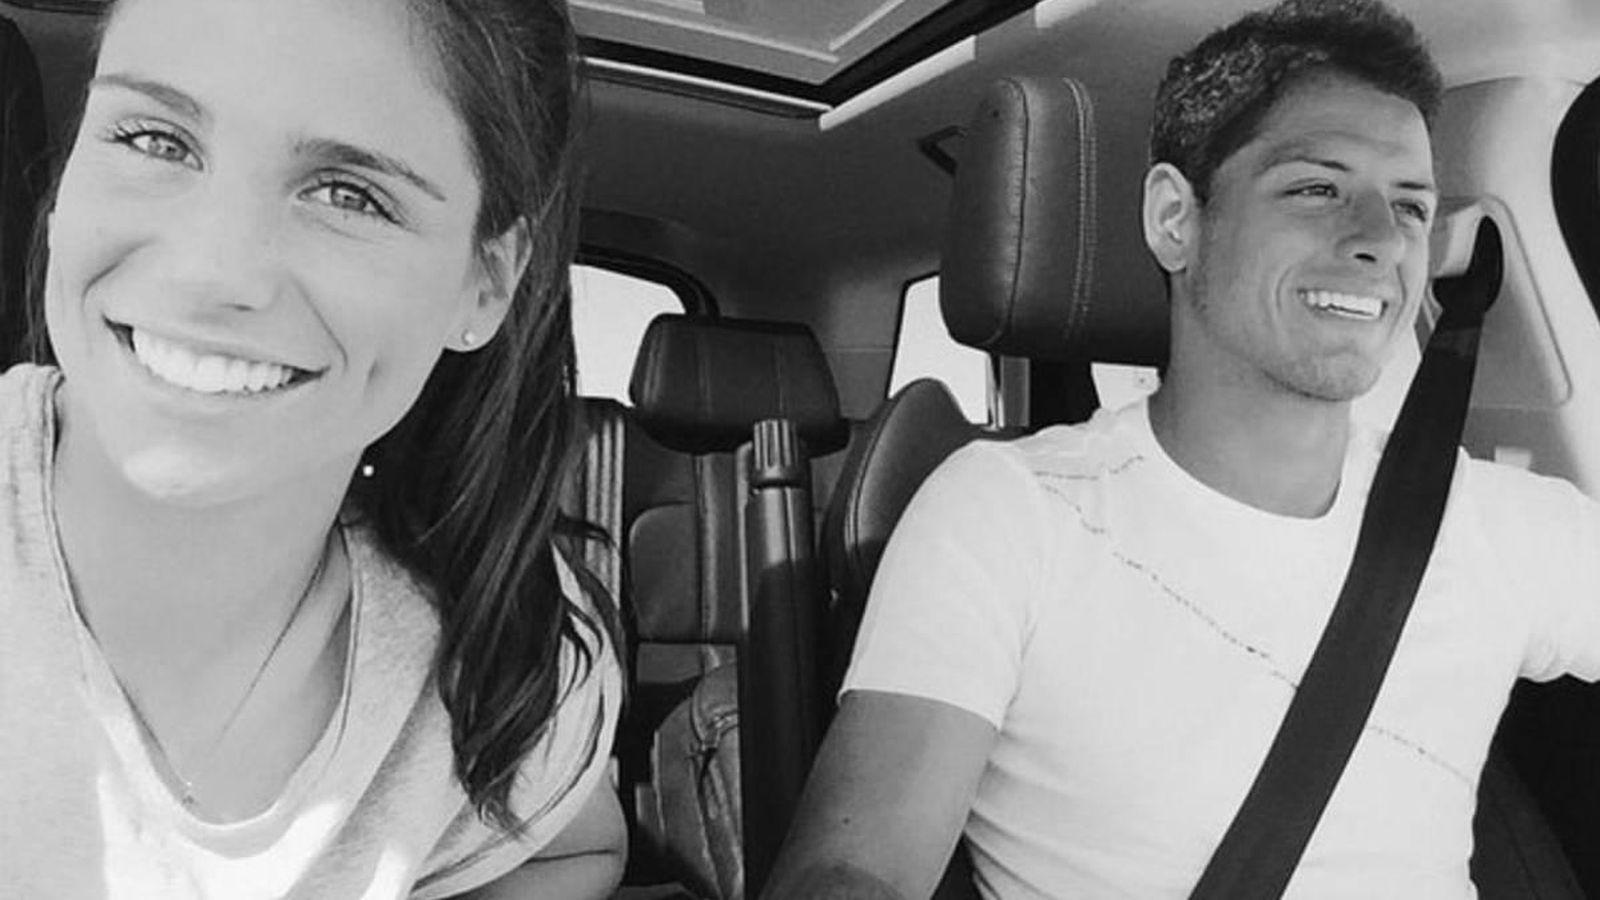 Foto: Lucía Villalón y el futbolista Chicharito en una imagen de su perfil de Instagram